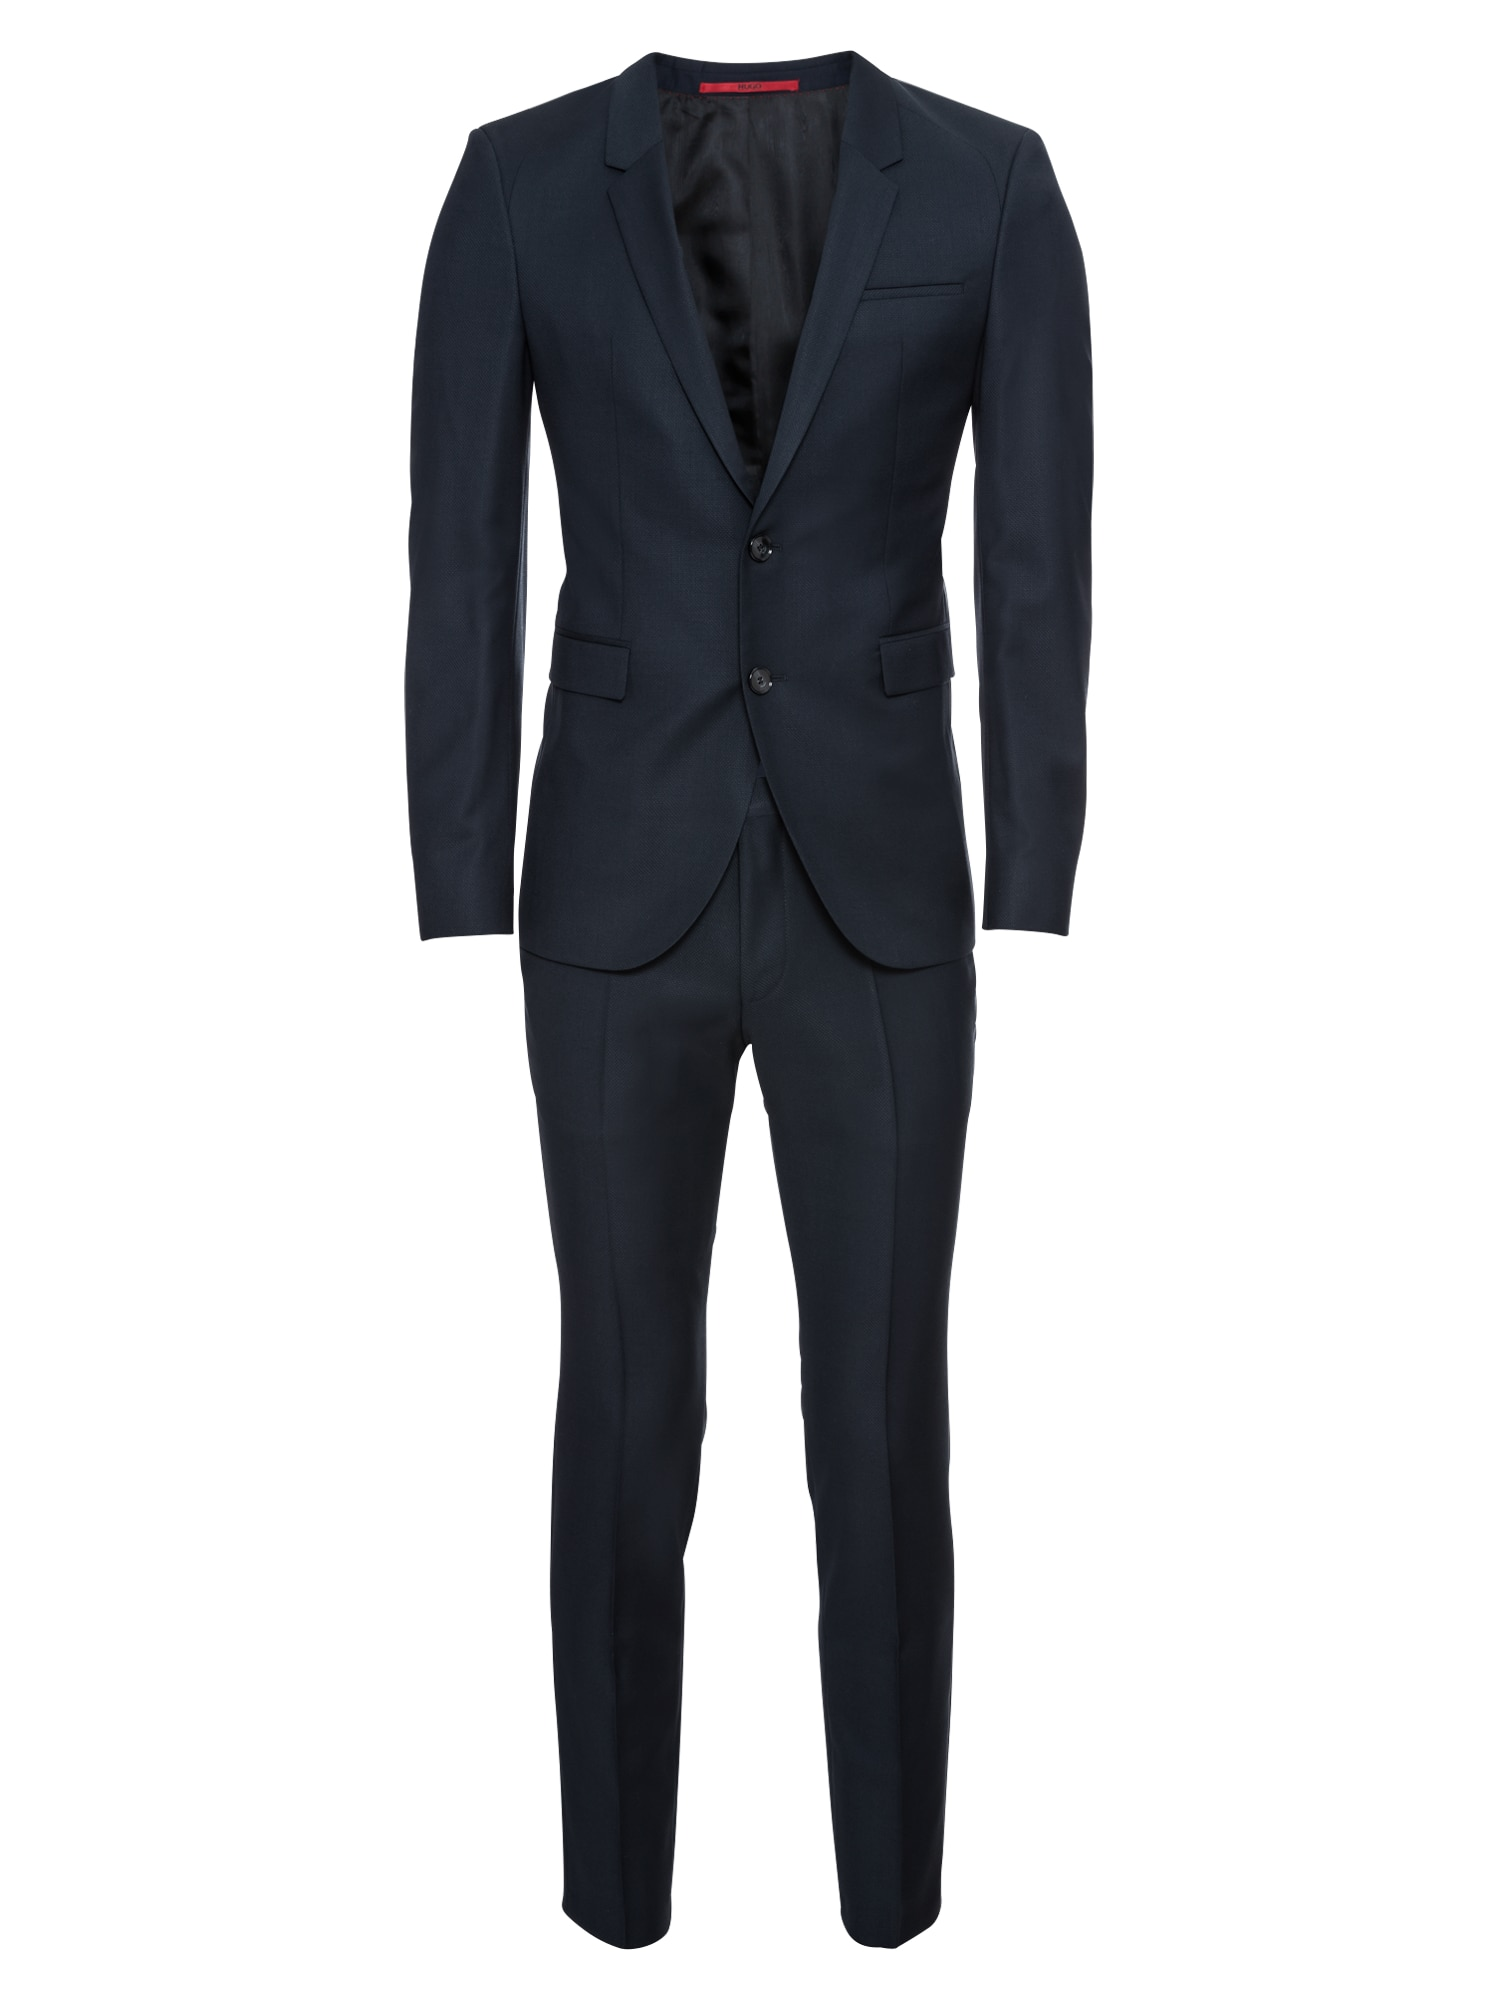 Oblek PhilTaylor183F1 10207441 0 námořnická modř HUGO